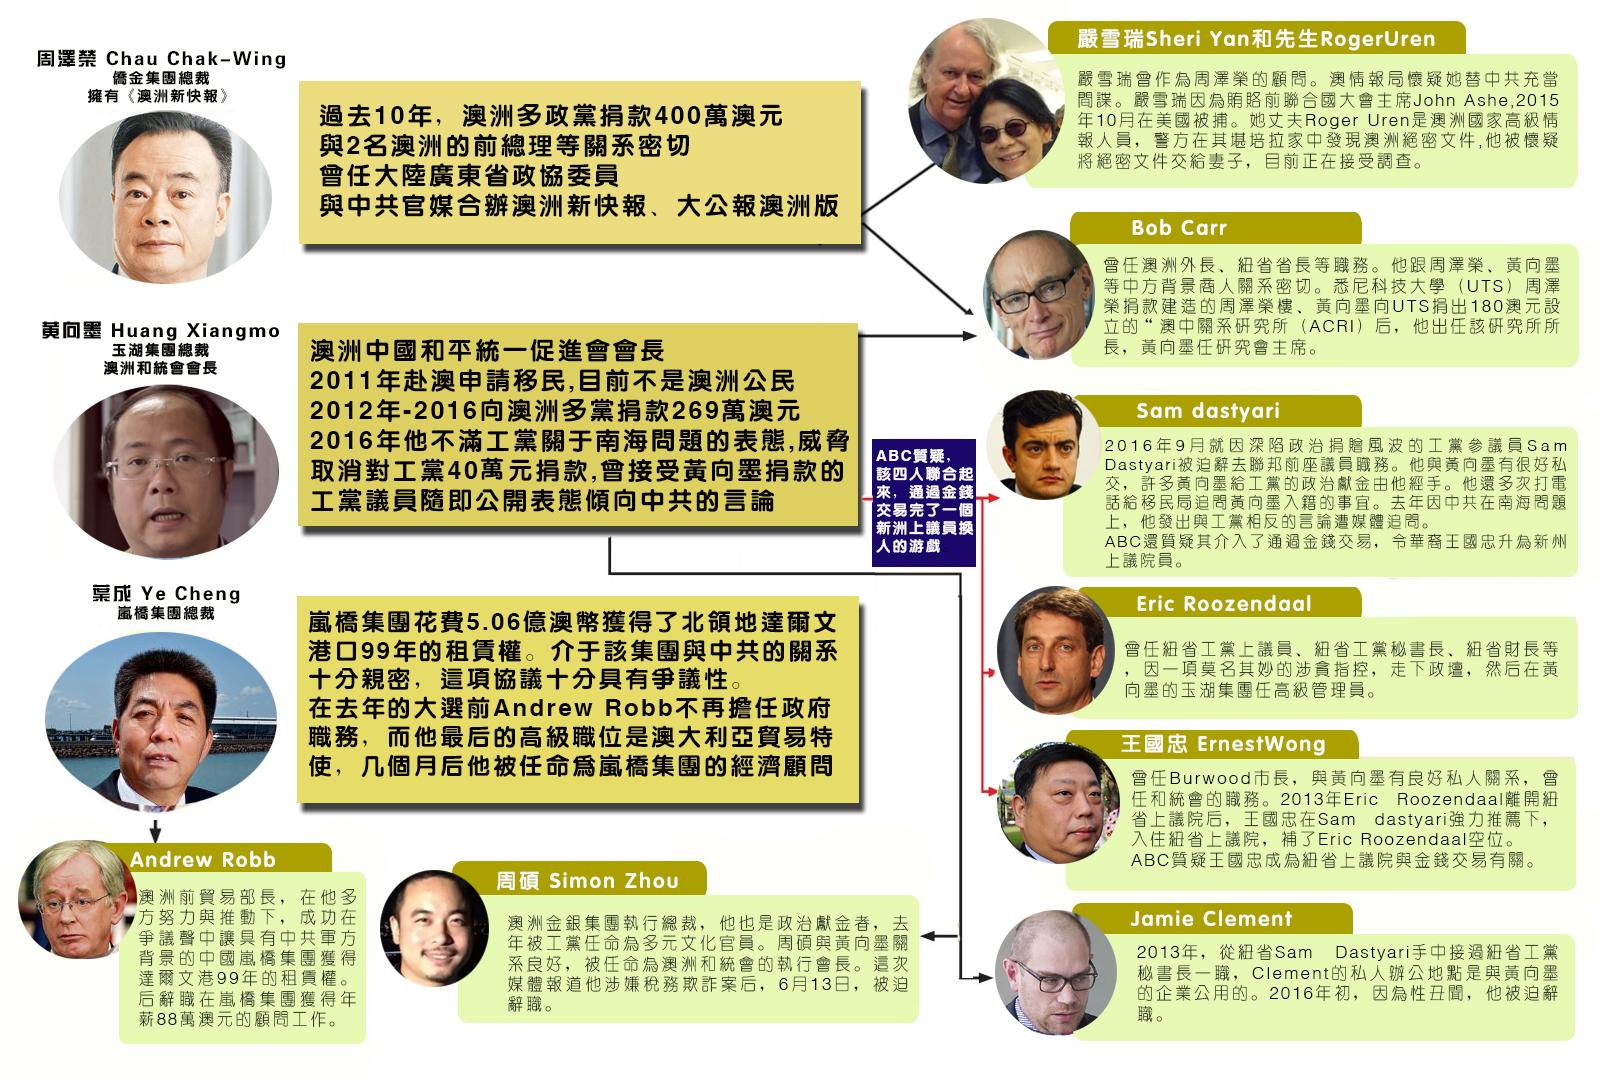 澳大利亞ABC的四角欄目調查報導了中共對澳洲正在進行一項全面戰略部署,通過操控海外留學生、華人社區、華文媒體,及中共勢力在澳洲政治獻金進行權錢交易等。(駱亞/大紀元)